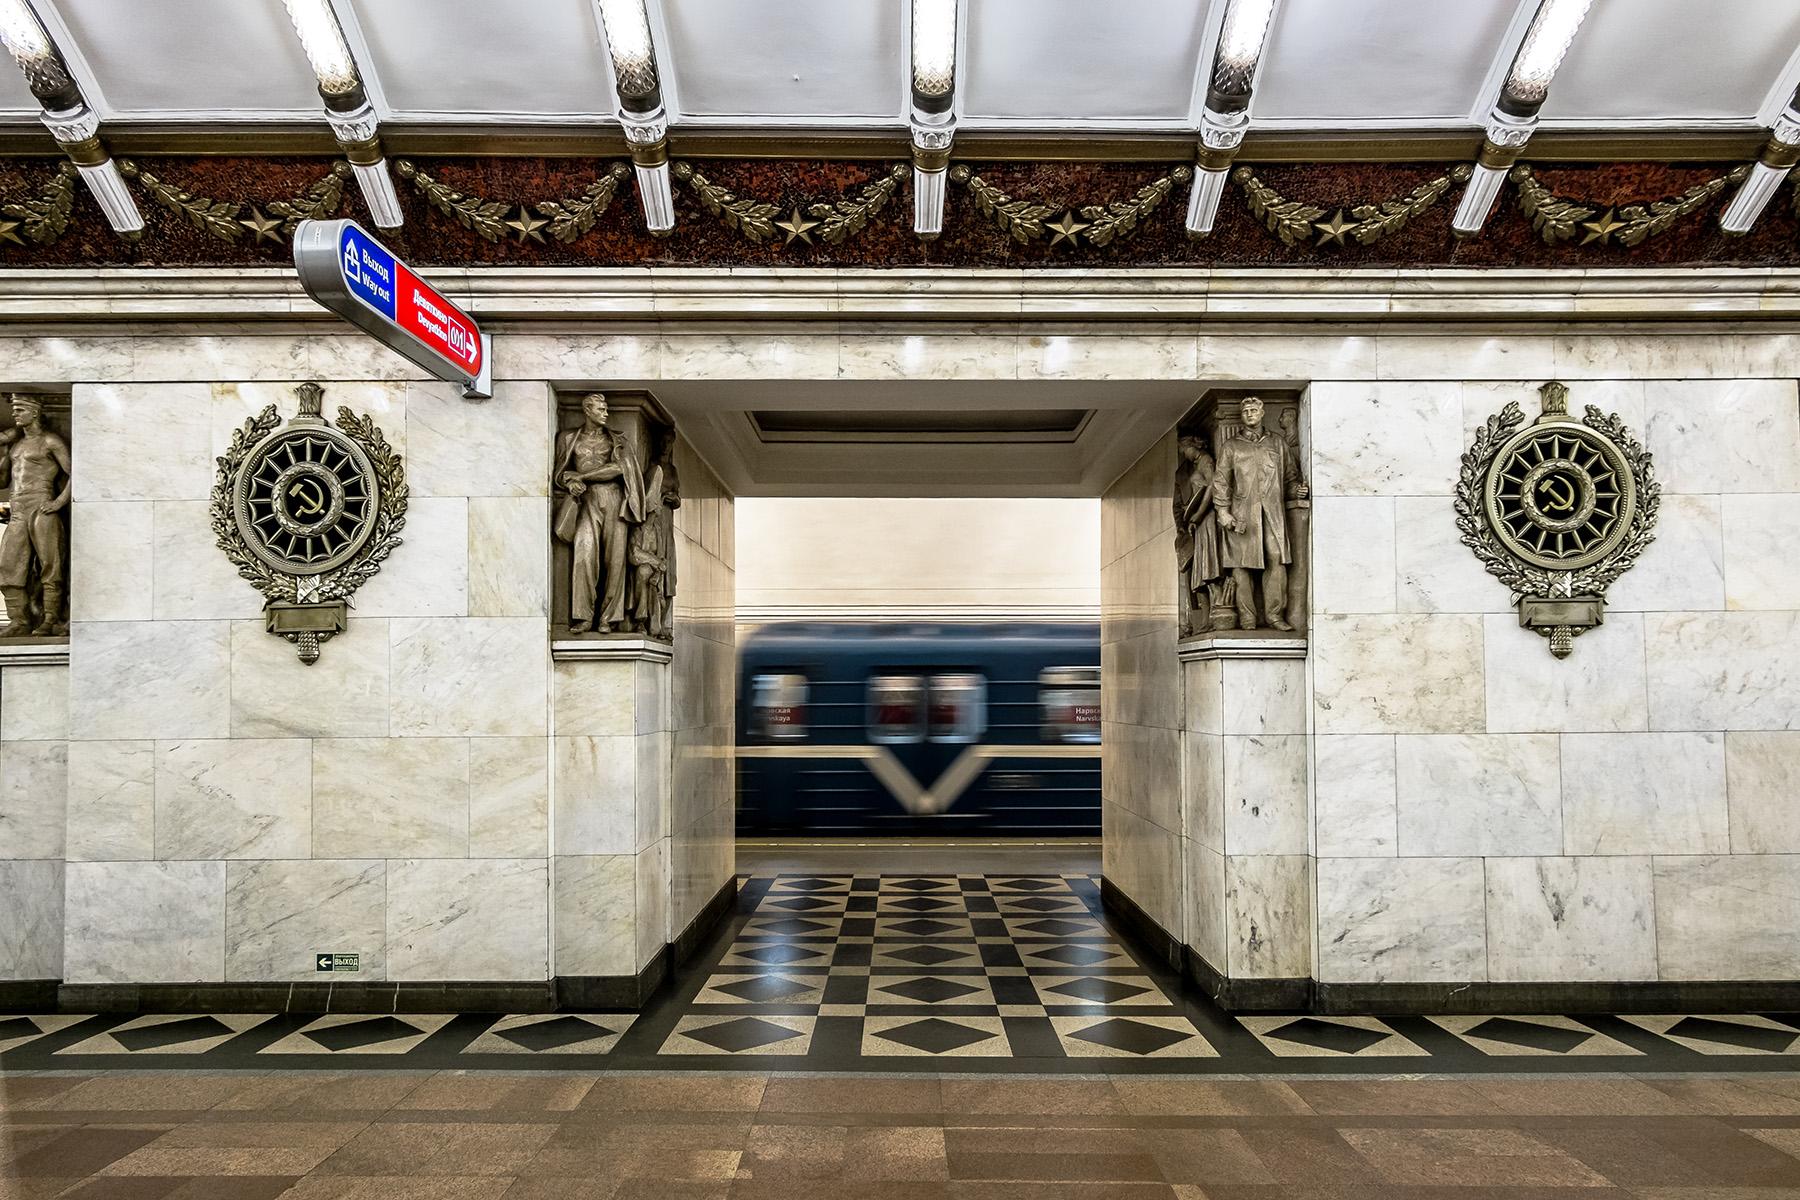 Narvskaya Station in Saint Petersburg